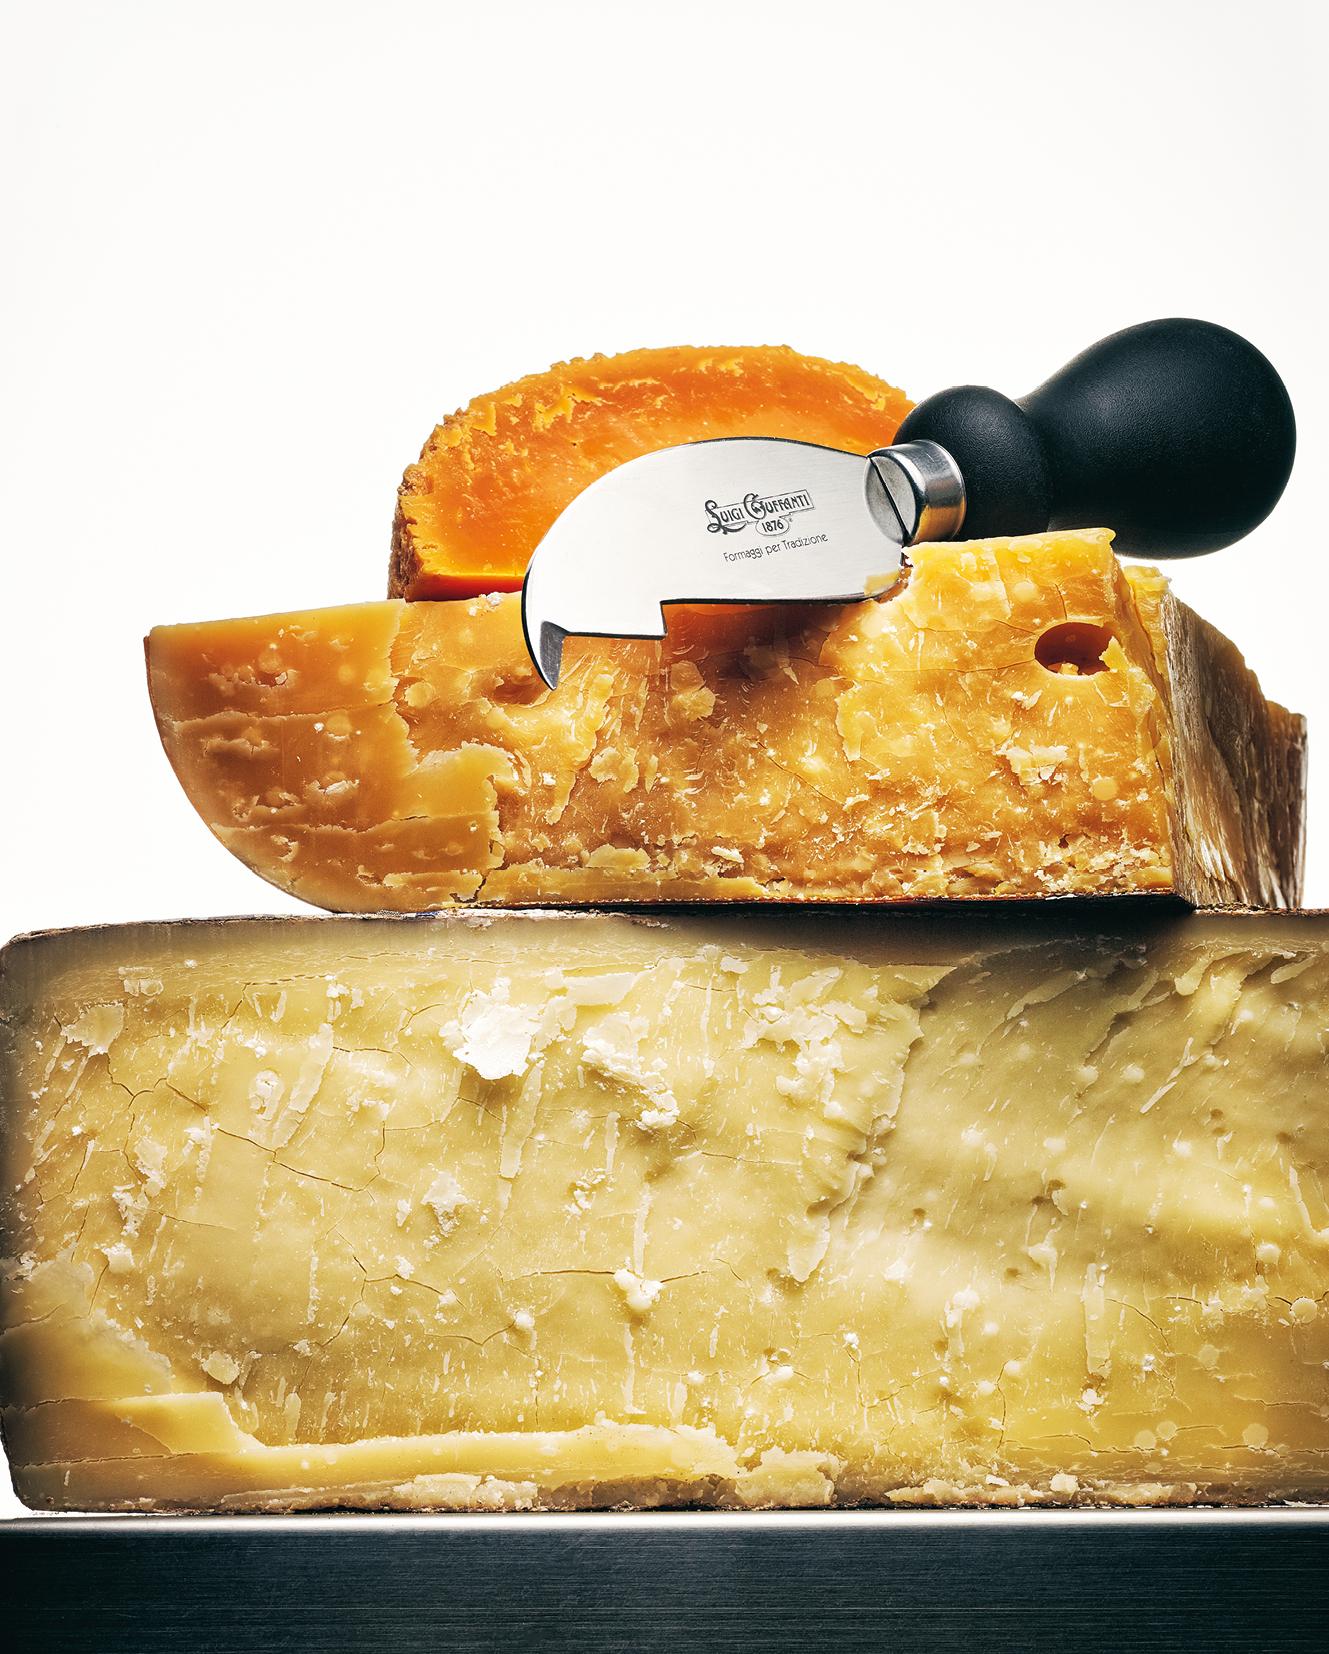 Lägg tid på ditt val av såväl ost som öl. Den personliga smaken spelar väldigt stor roll. Välj i första hand ostar och öl som du själv gillar. Köp osten över disk och prova den alltid innan du bestämmer dig. Samma ost från samma tillverkare kan variera i smak över året.Kom ihåg att matcha intensiteten i osten och ölet.